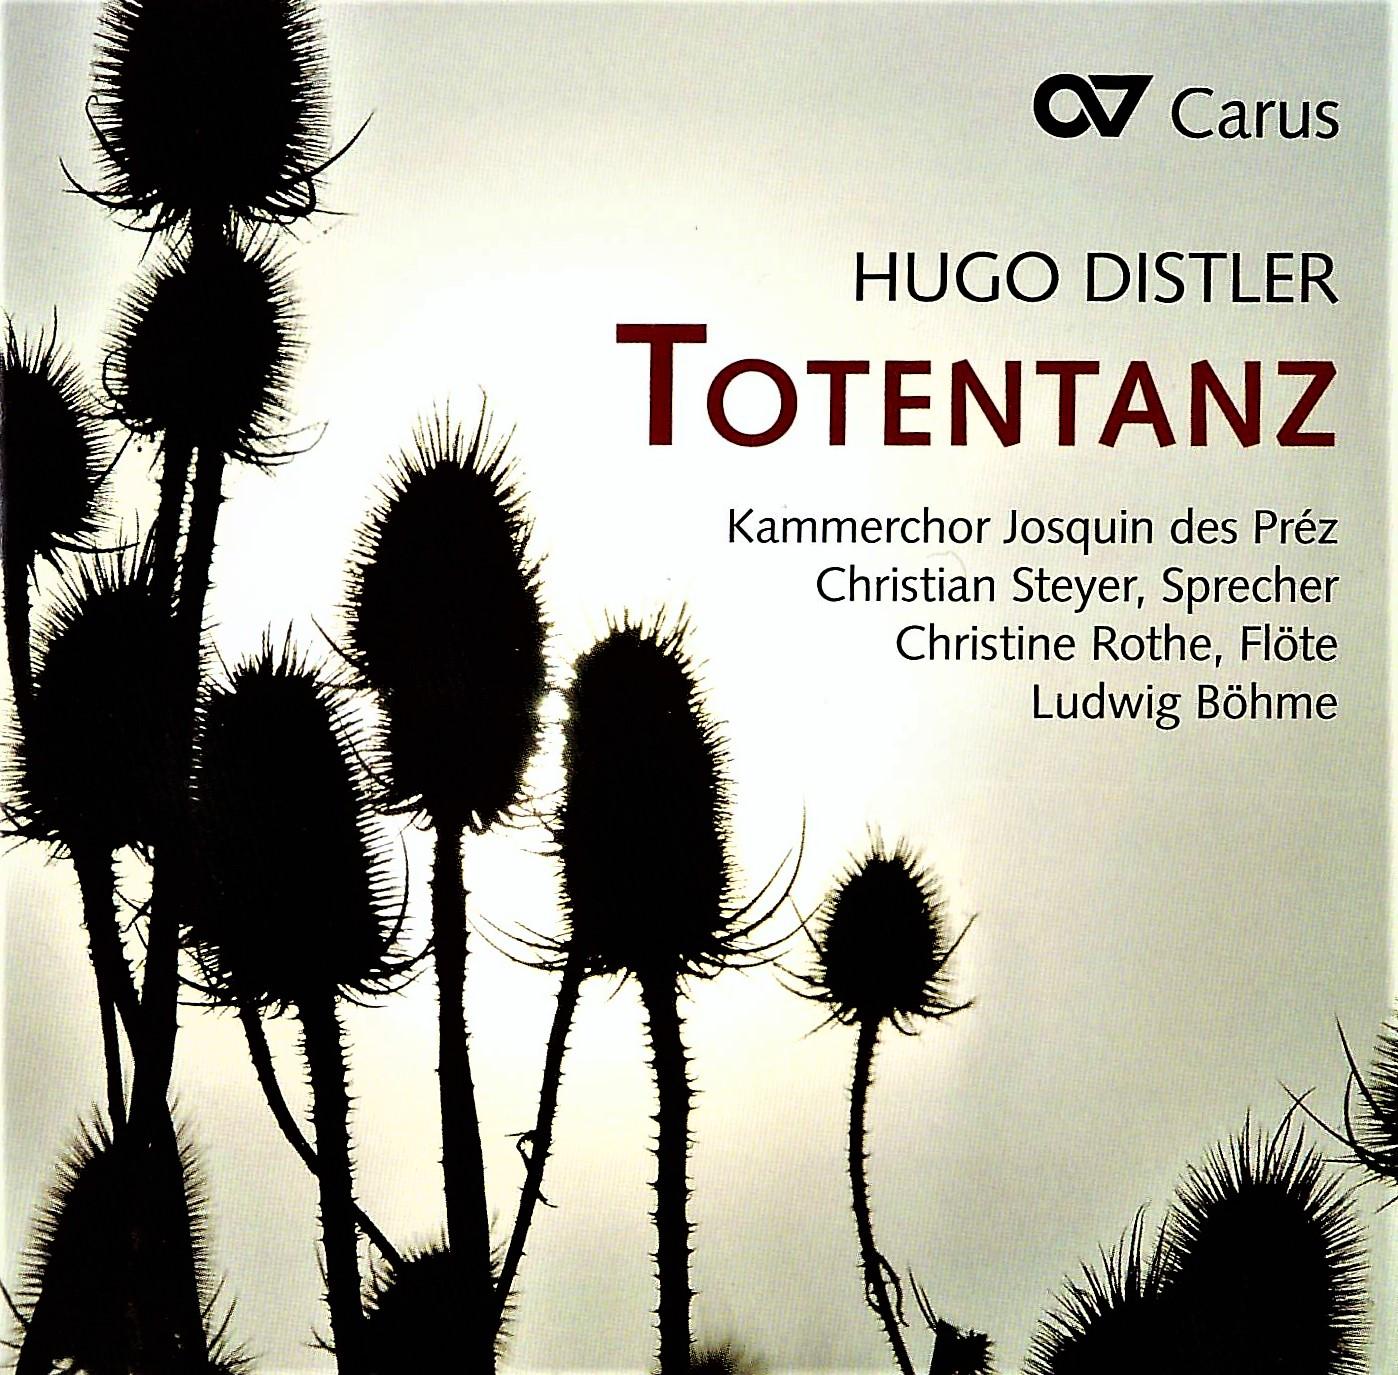 Hugo Distler Totentanz (2016)